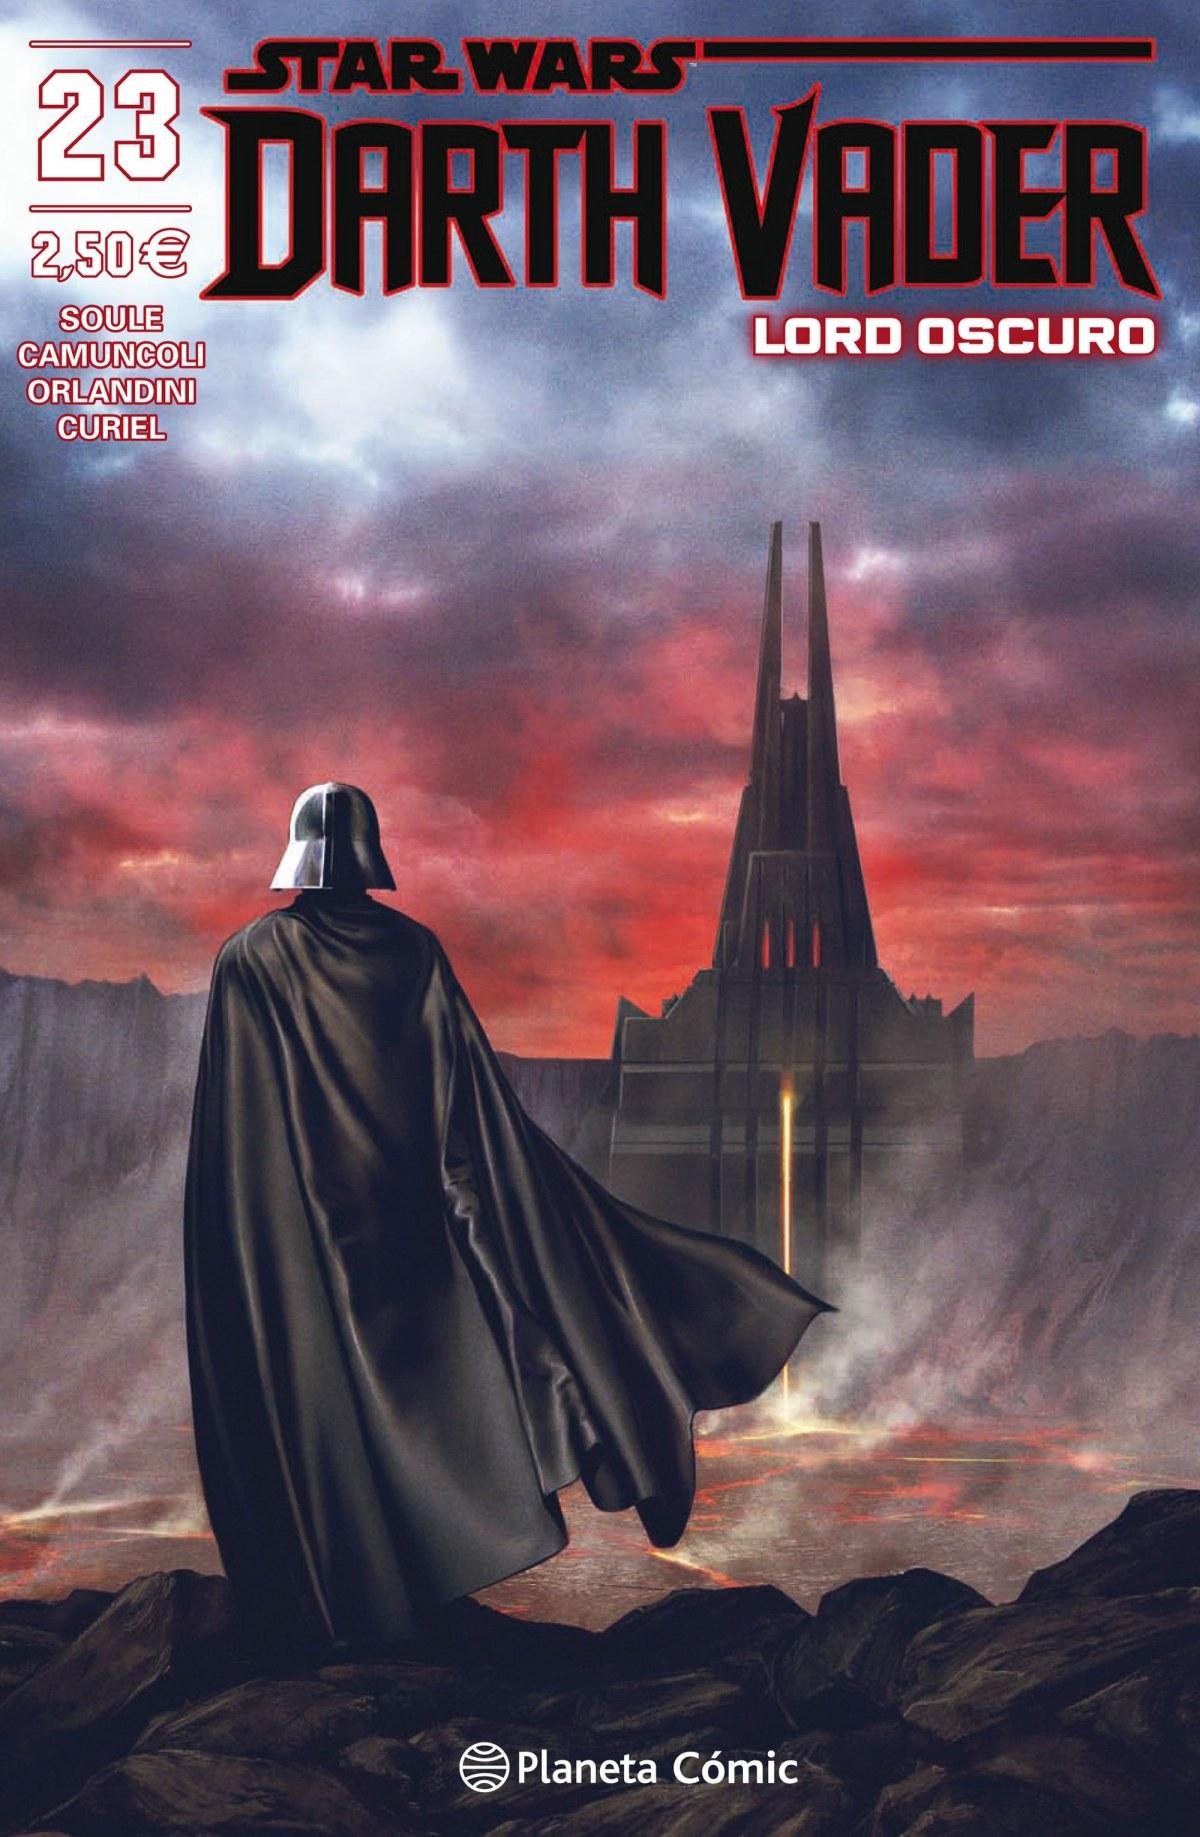 Star Wars Darth Vader Lord Oscuro nº 23/25